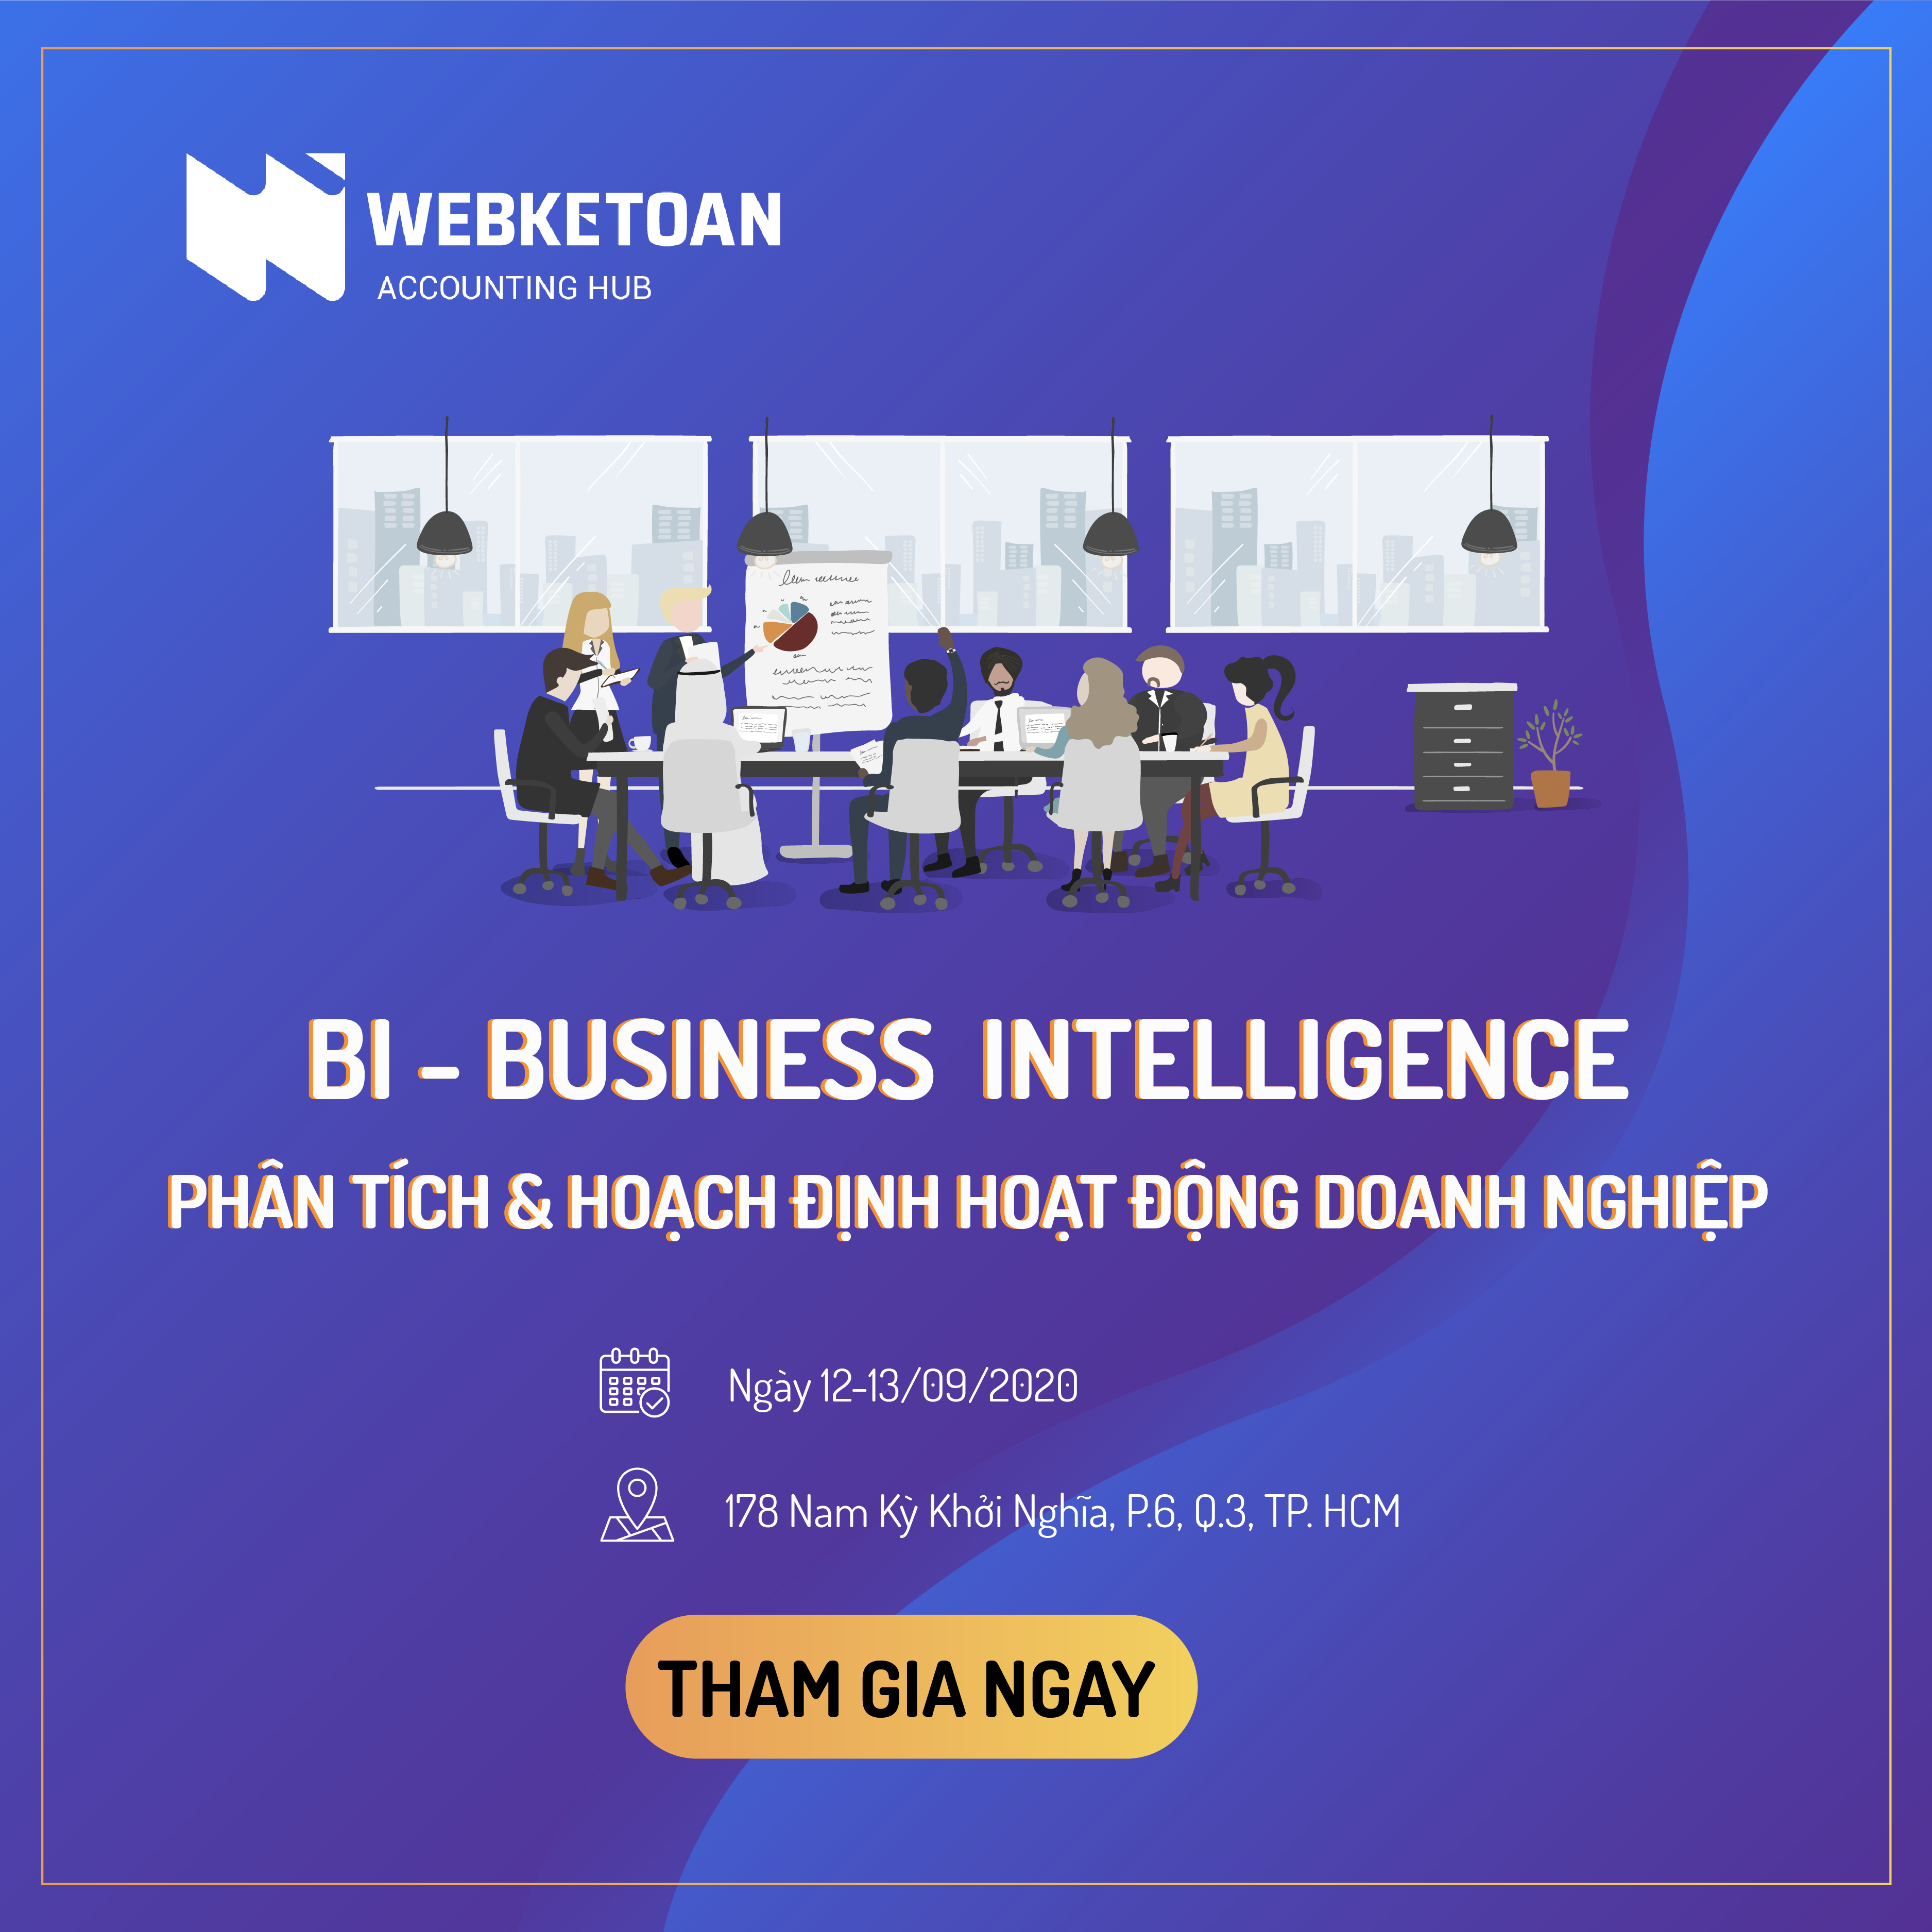 BI Business Intelligence - Phân tích & hoạch định hoạt động DN